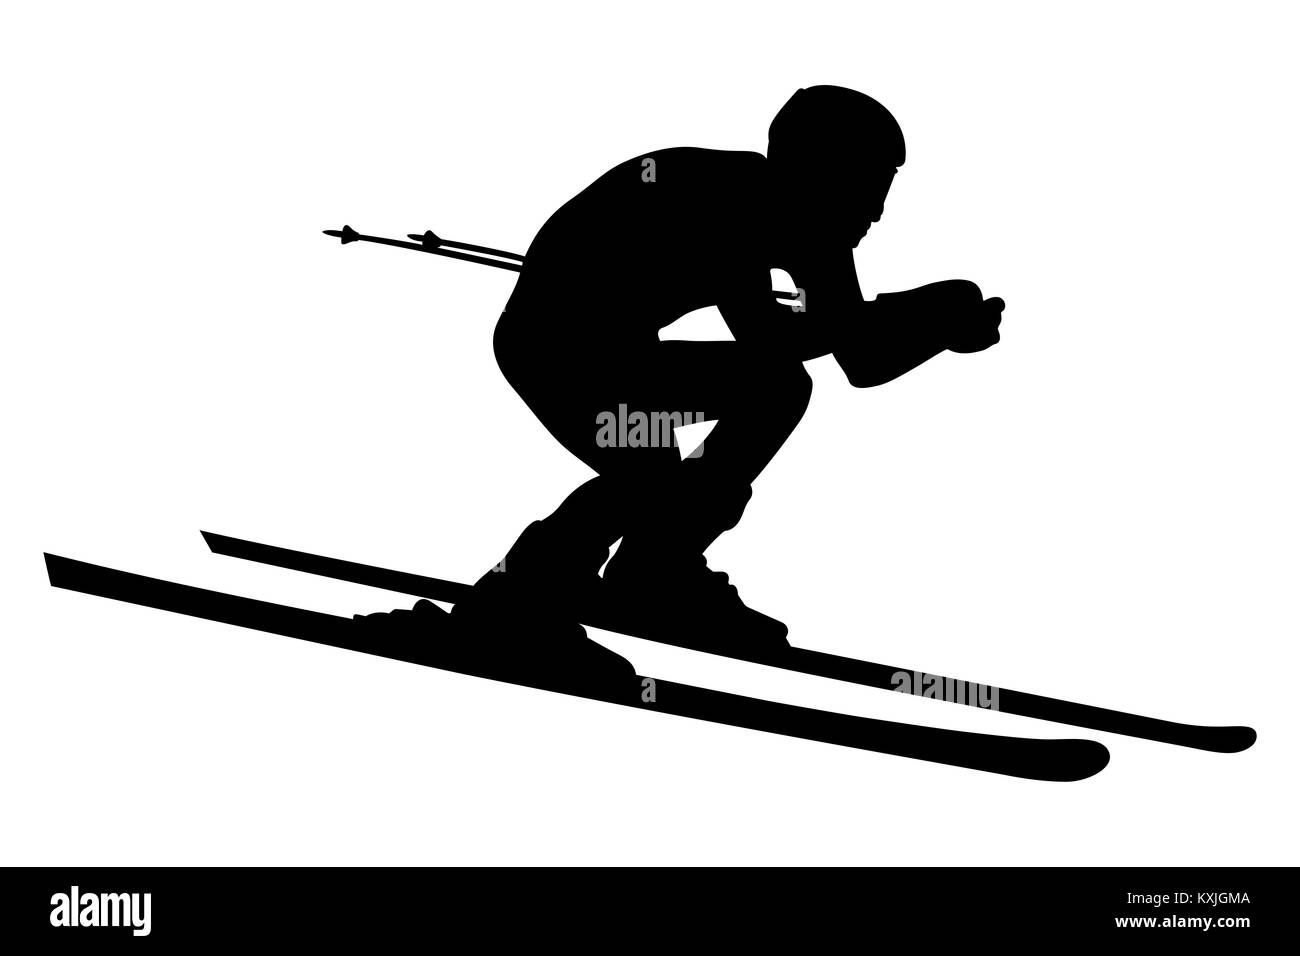 alpine skier athlete skiing downhill black silhouette - Stock Image